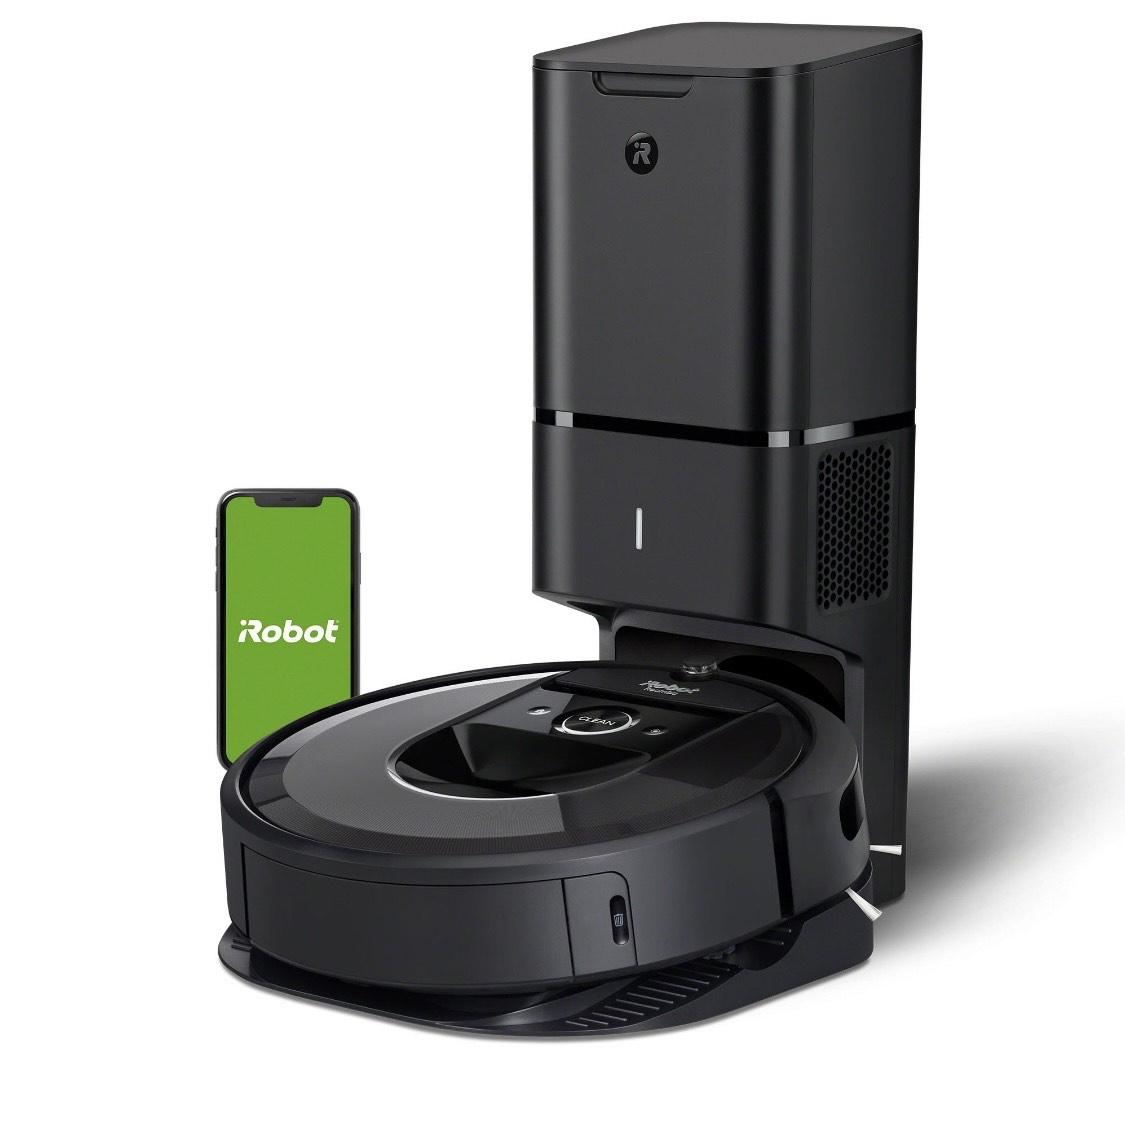 [Mediamarkt.at] *Bestpreis* IROBOT Saugroboter Roomba I7+ (I7558) inkl. CleanBase Ladestation